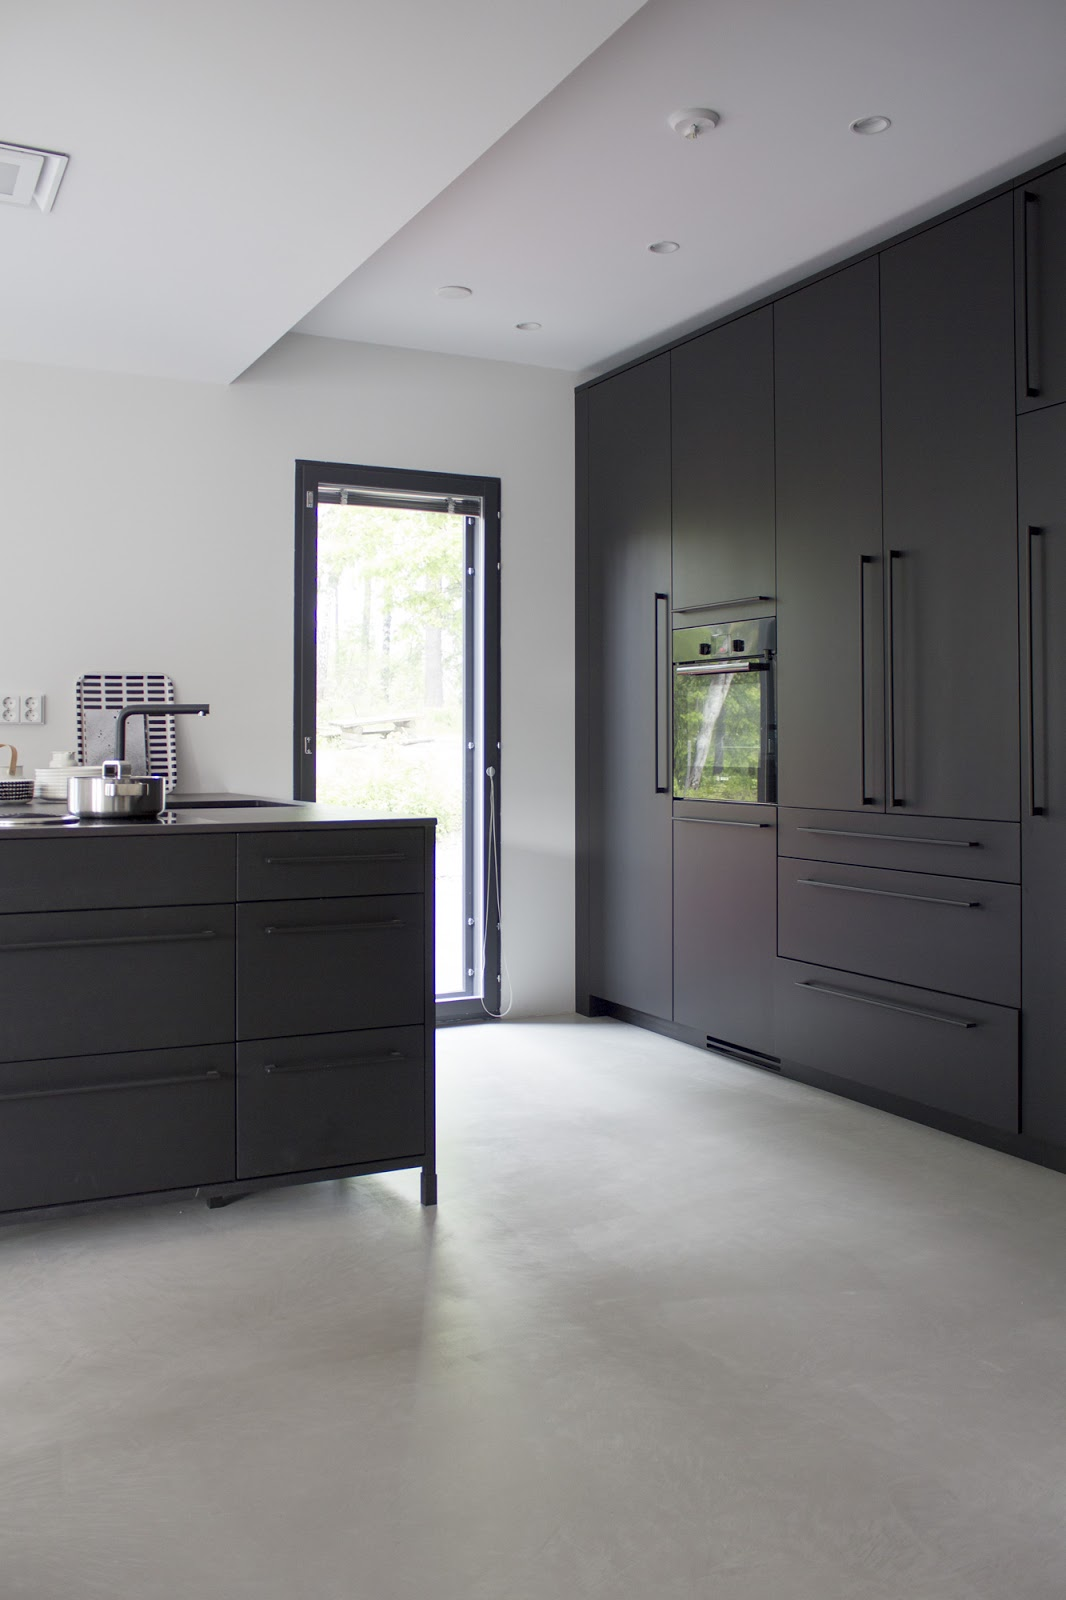 Kaikki mitä halusit tietää meidän mustasta keittiöstä  Pieni talo Helsingissä